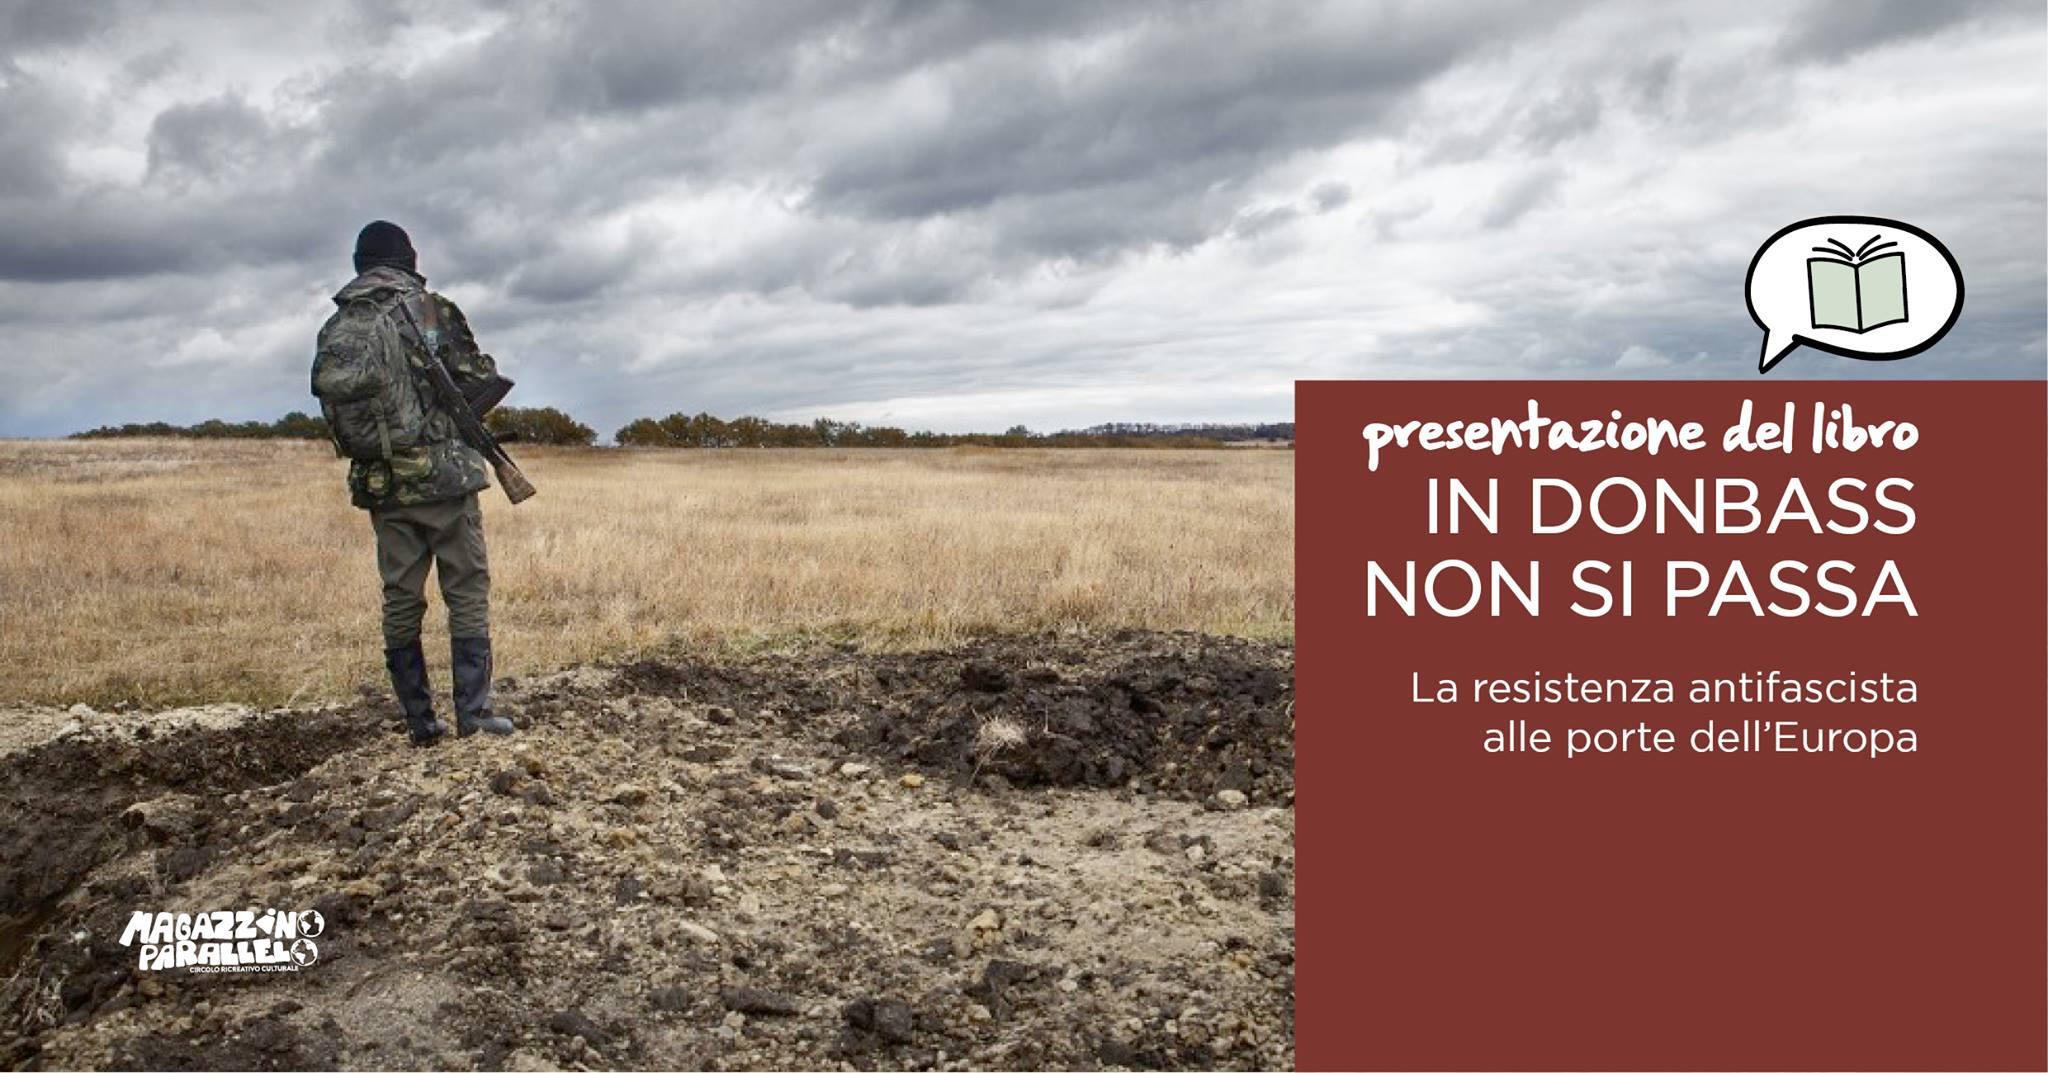 In Donbass non si passa / il libro / at Magazzino Parallelo